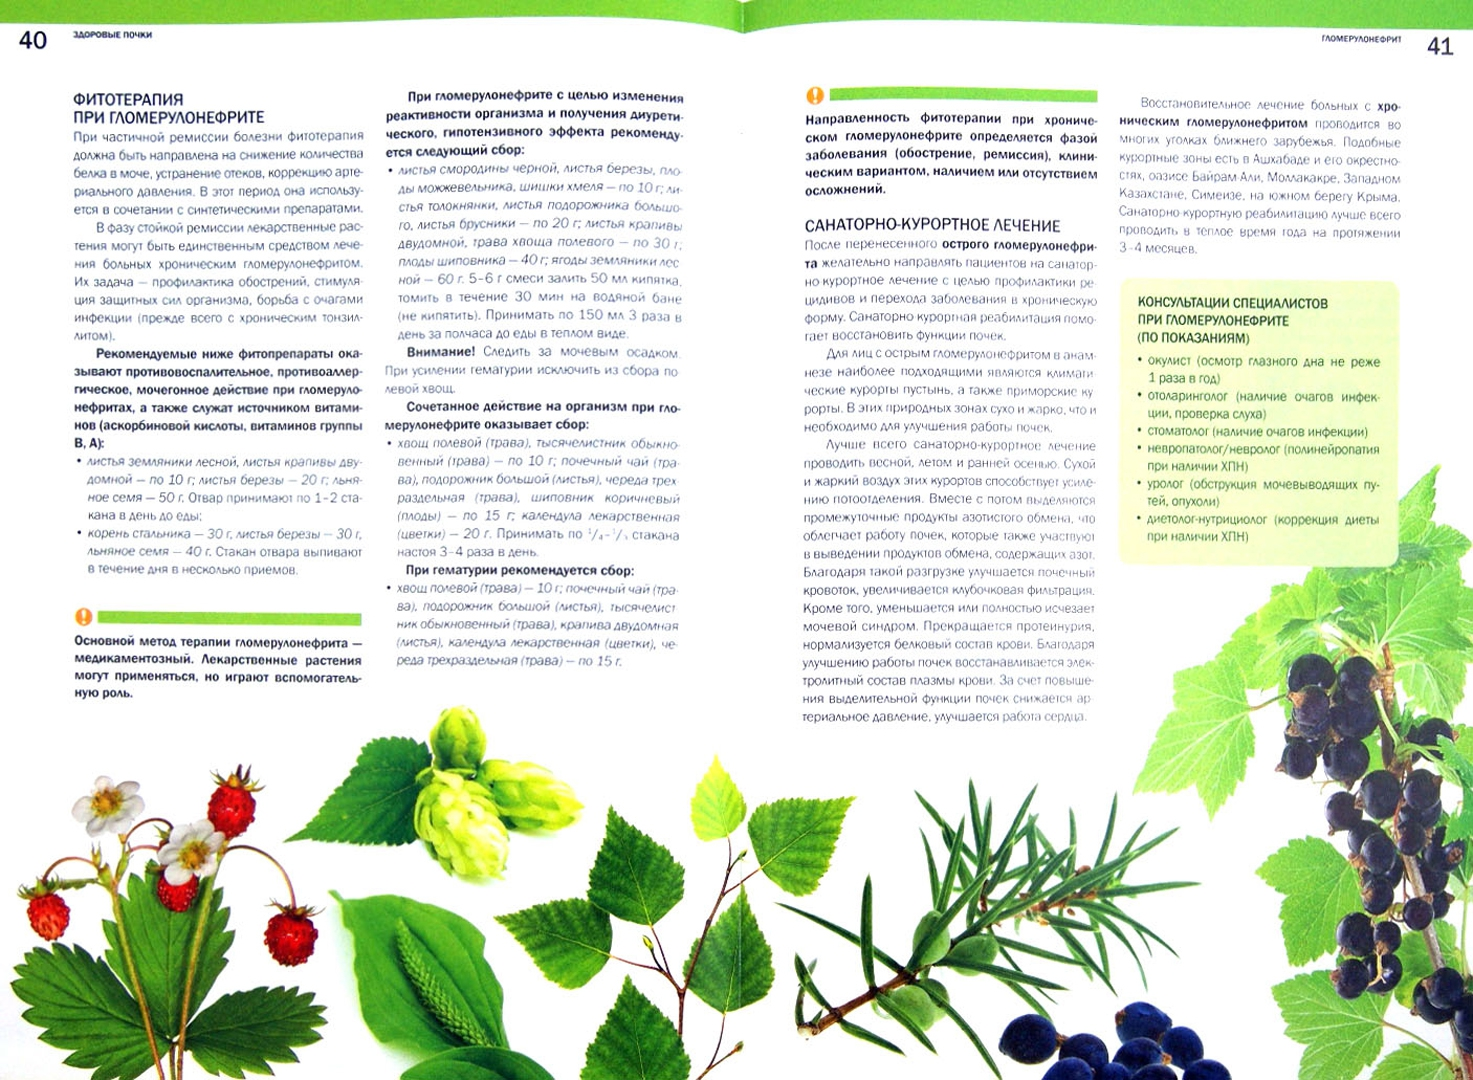 Иллюстрация 1 из 11 для Здоровые почки. Мочевыделительная система - Ольга Соловьева | Лабиринт - книги. Источник: Лабиринт